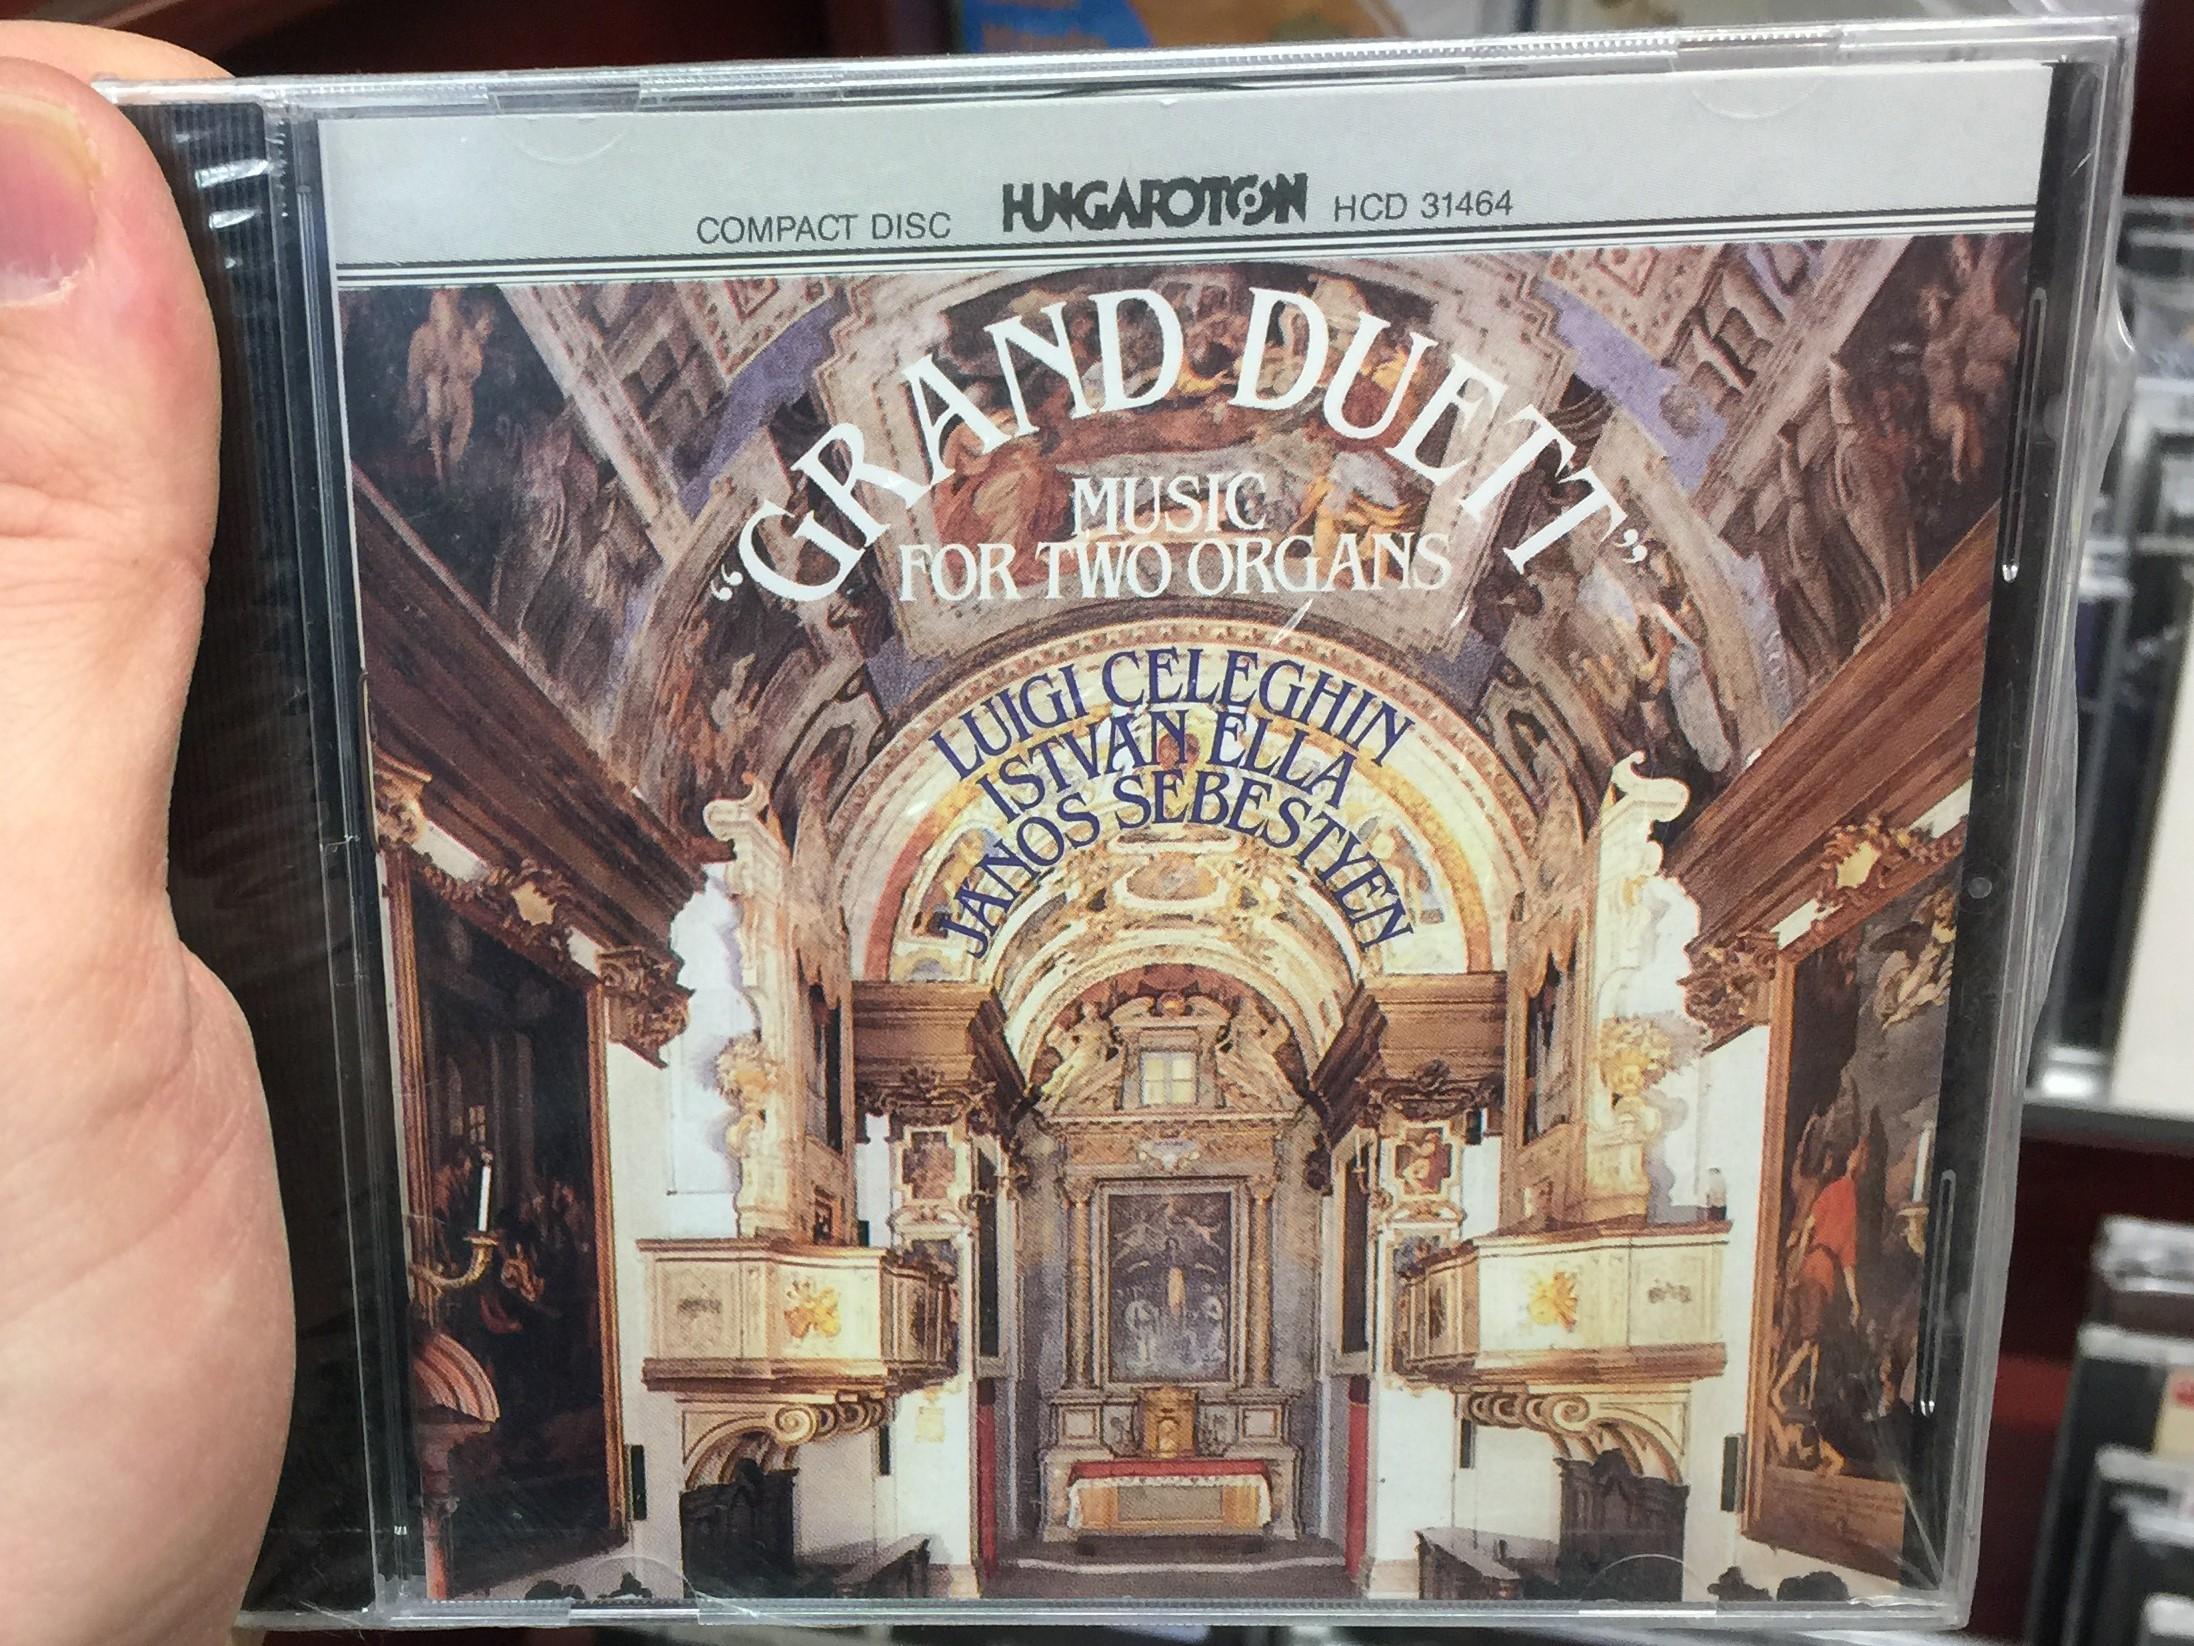 grand-duett-music-for-two-organs-luigi-celeghin-istv-n-ella-j-nos-sebesty-n-hungaroton-audio-cd-1992-stereo-hcd-31464-1-.jpg